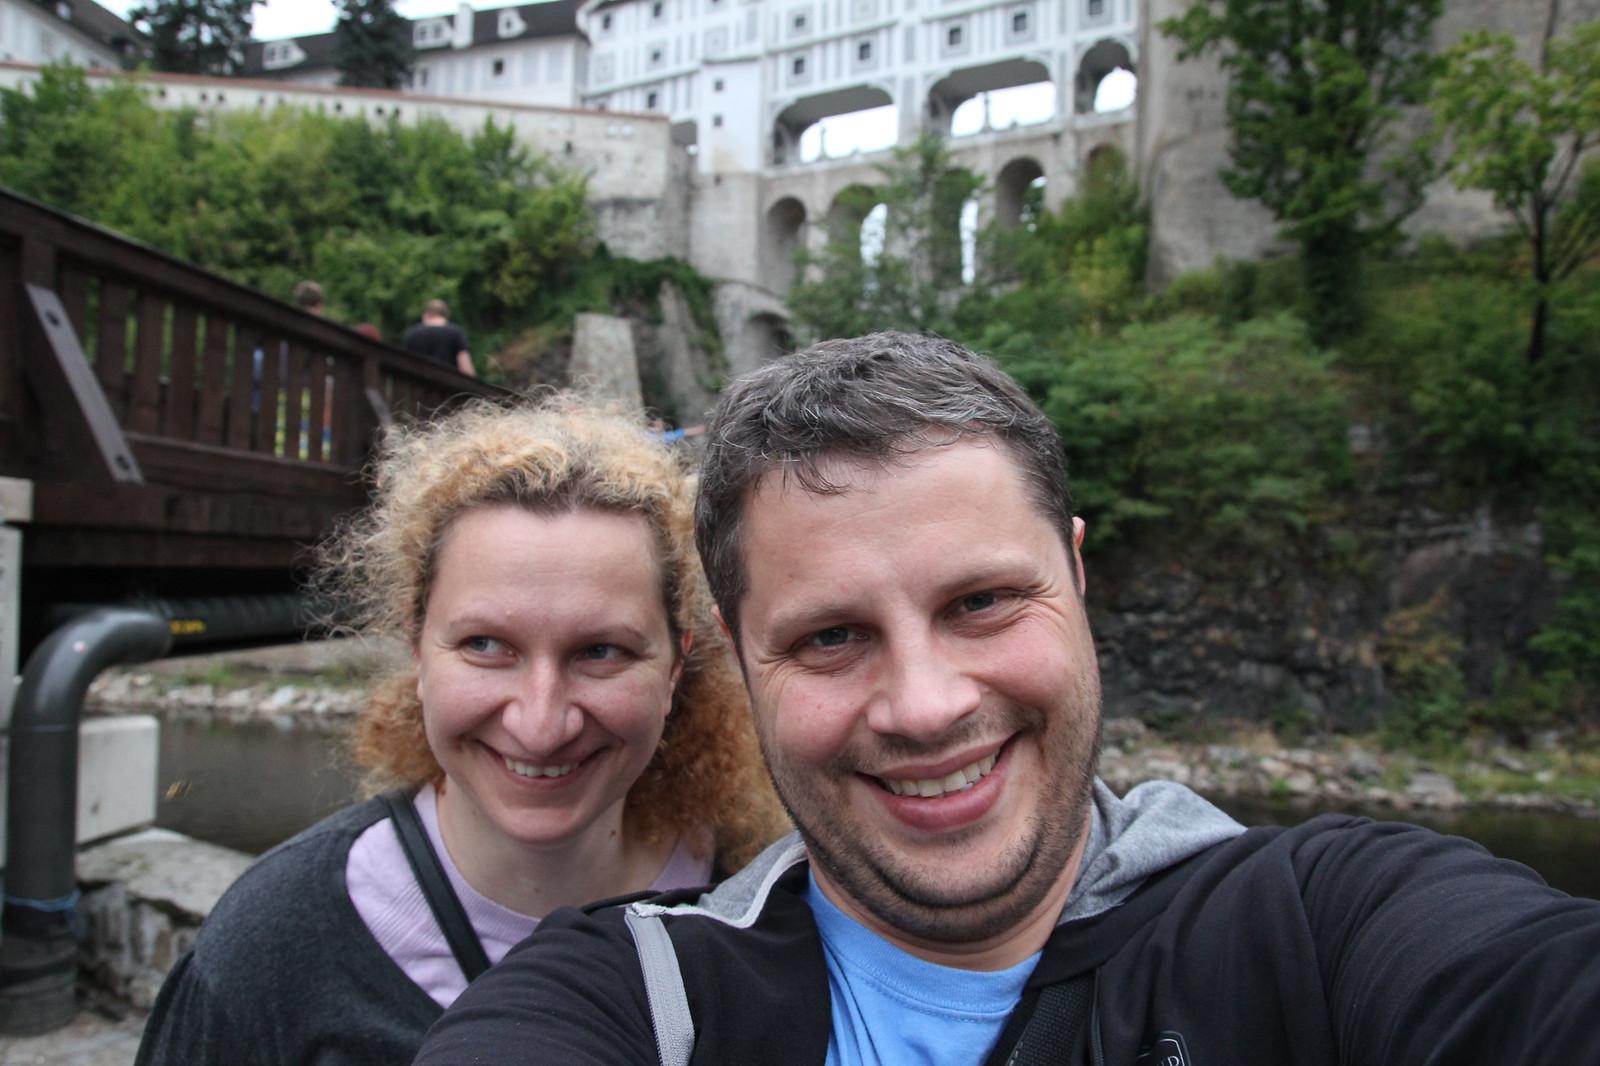 Iš Slovakijos nuvažiavome į Čekiją. Čia esame Česky Krumlov miestelyje.